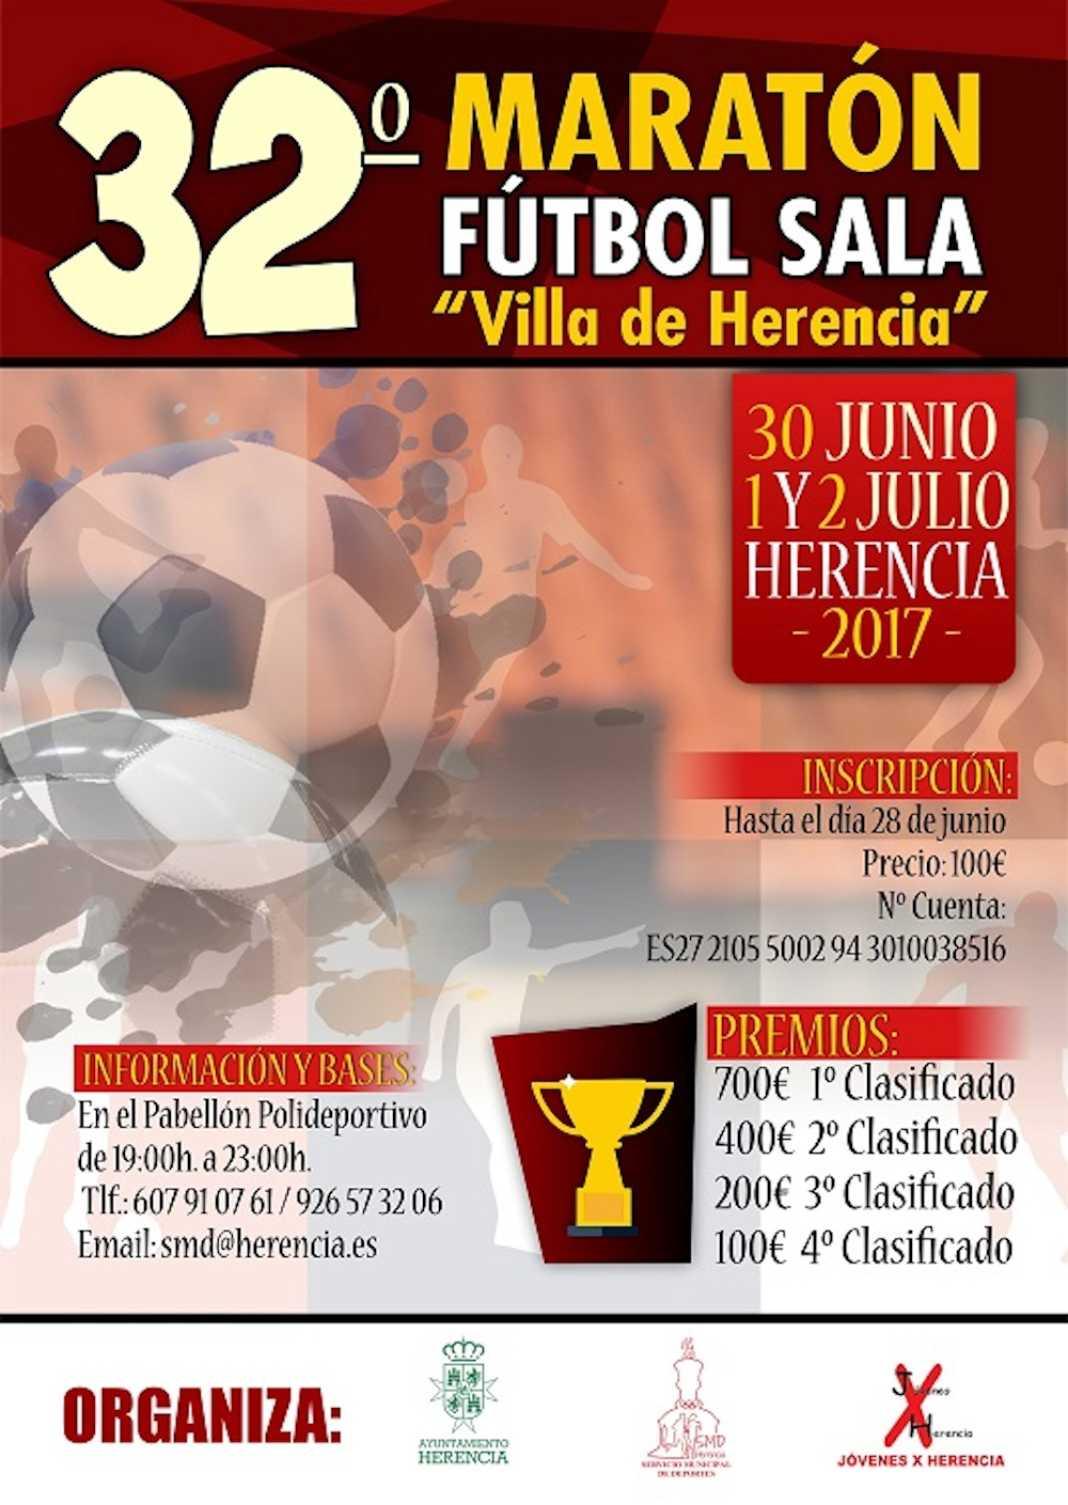 """32 maraton futbol sala herencia cr 1068x1505 - El Maratón Nacional de Fútbol Sala """"Villa de Herencia"""" celebra la 32º edición"""